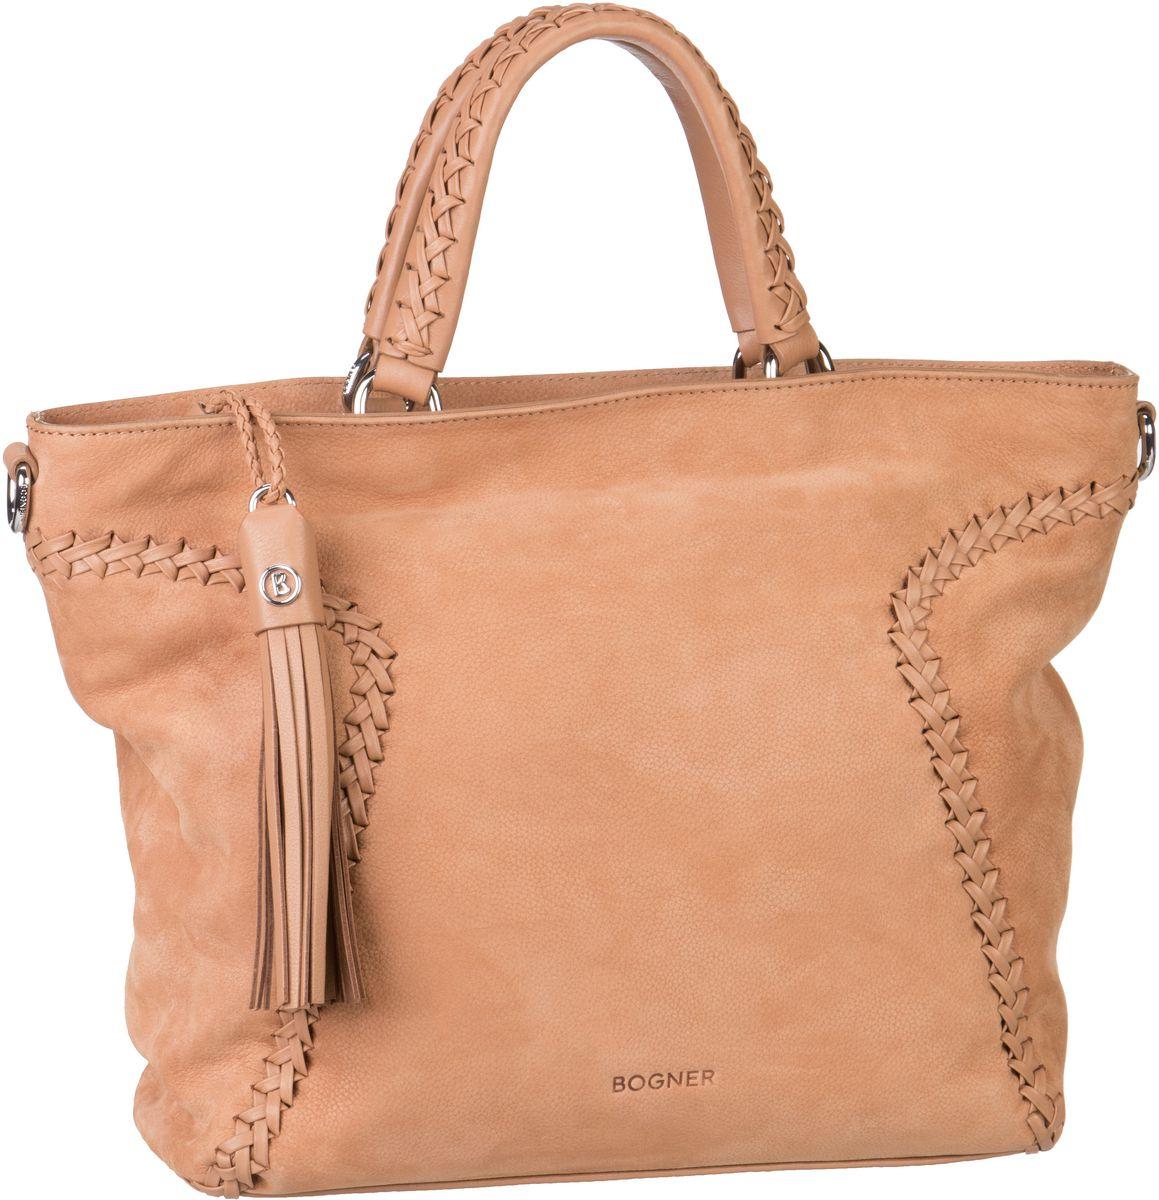 Handtaschen für Frauen - Bogner Arizona Serena Cashew Handtasche  - Onlineshop Taschenkaufhaus